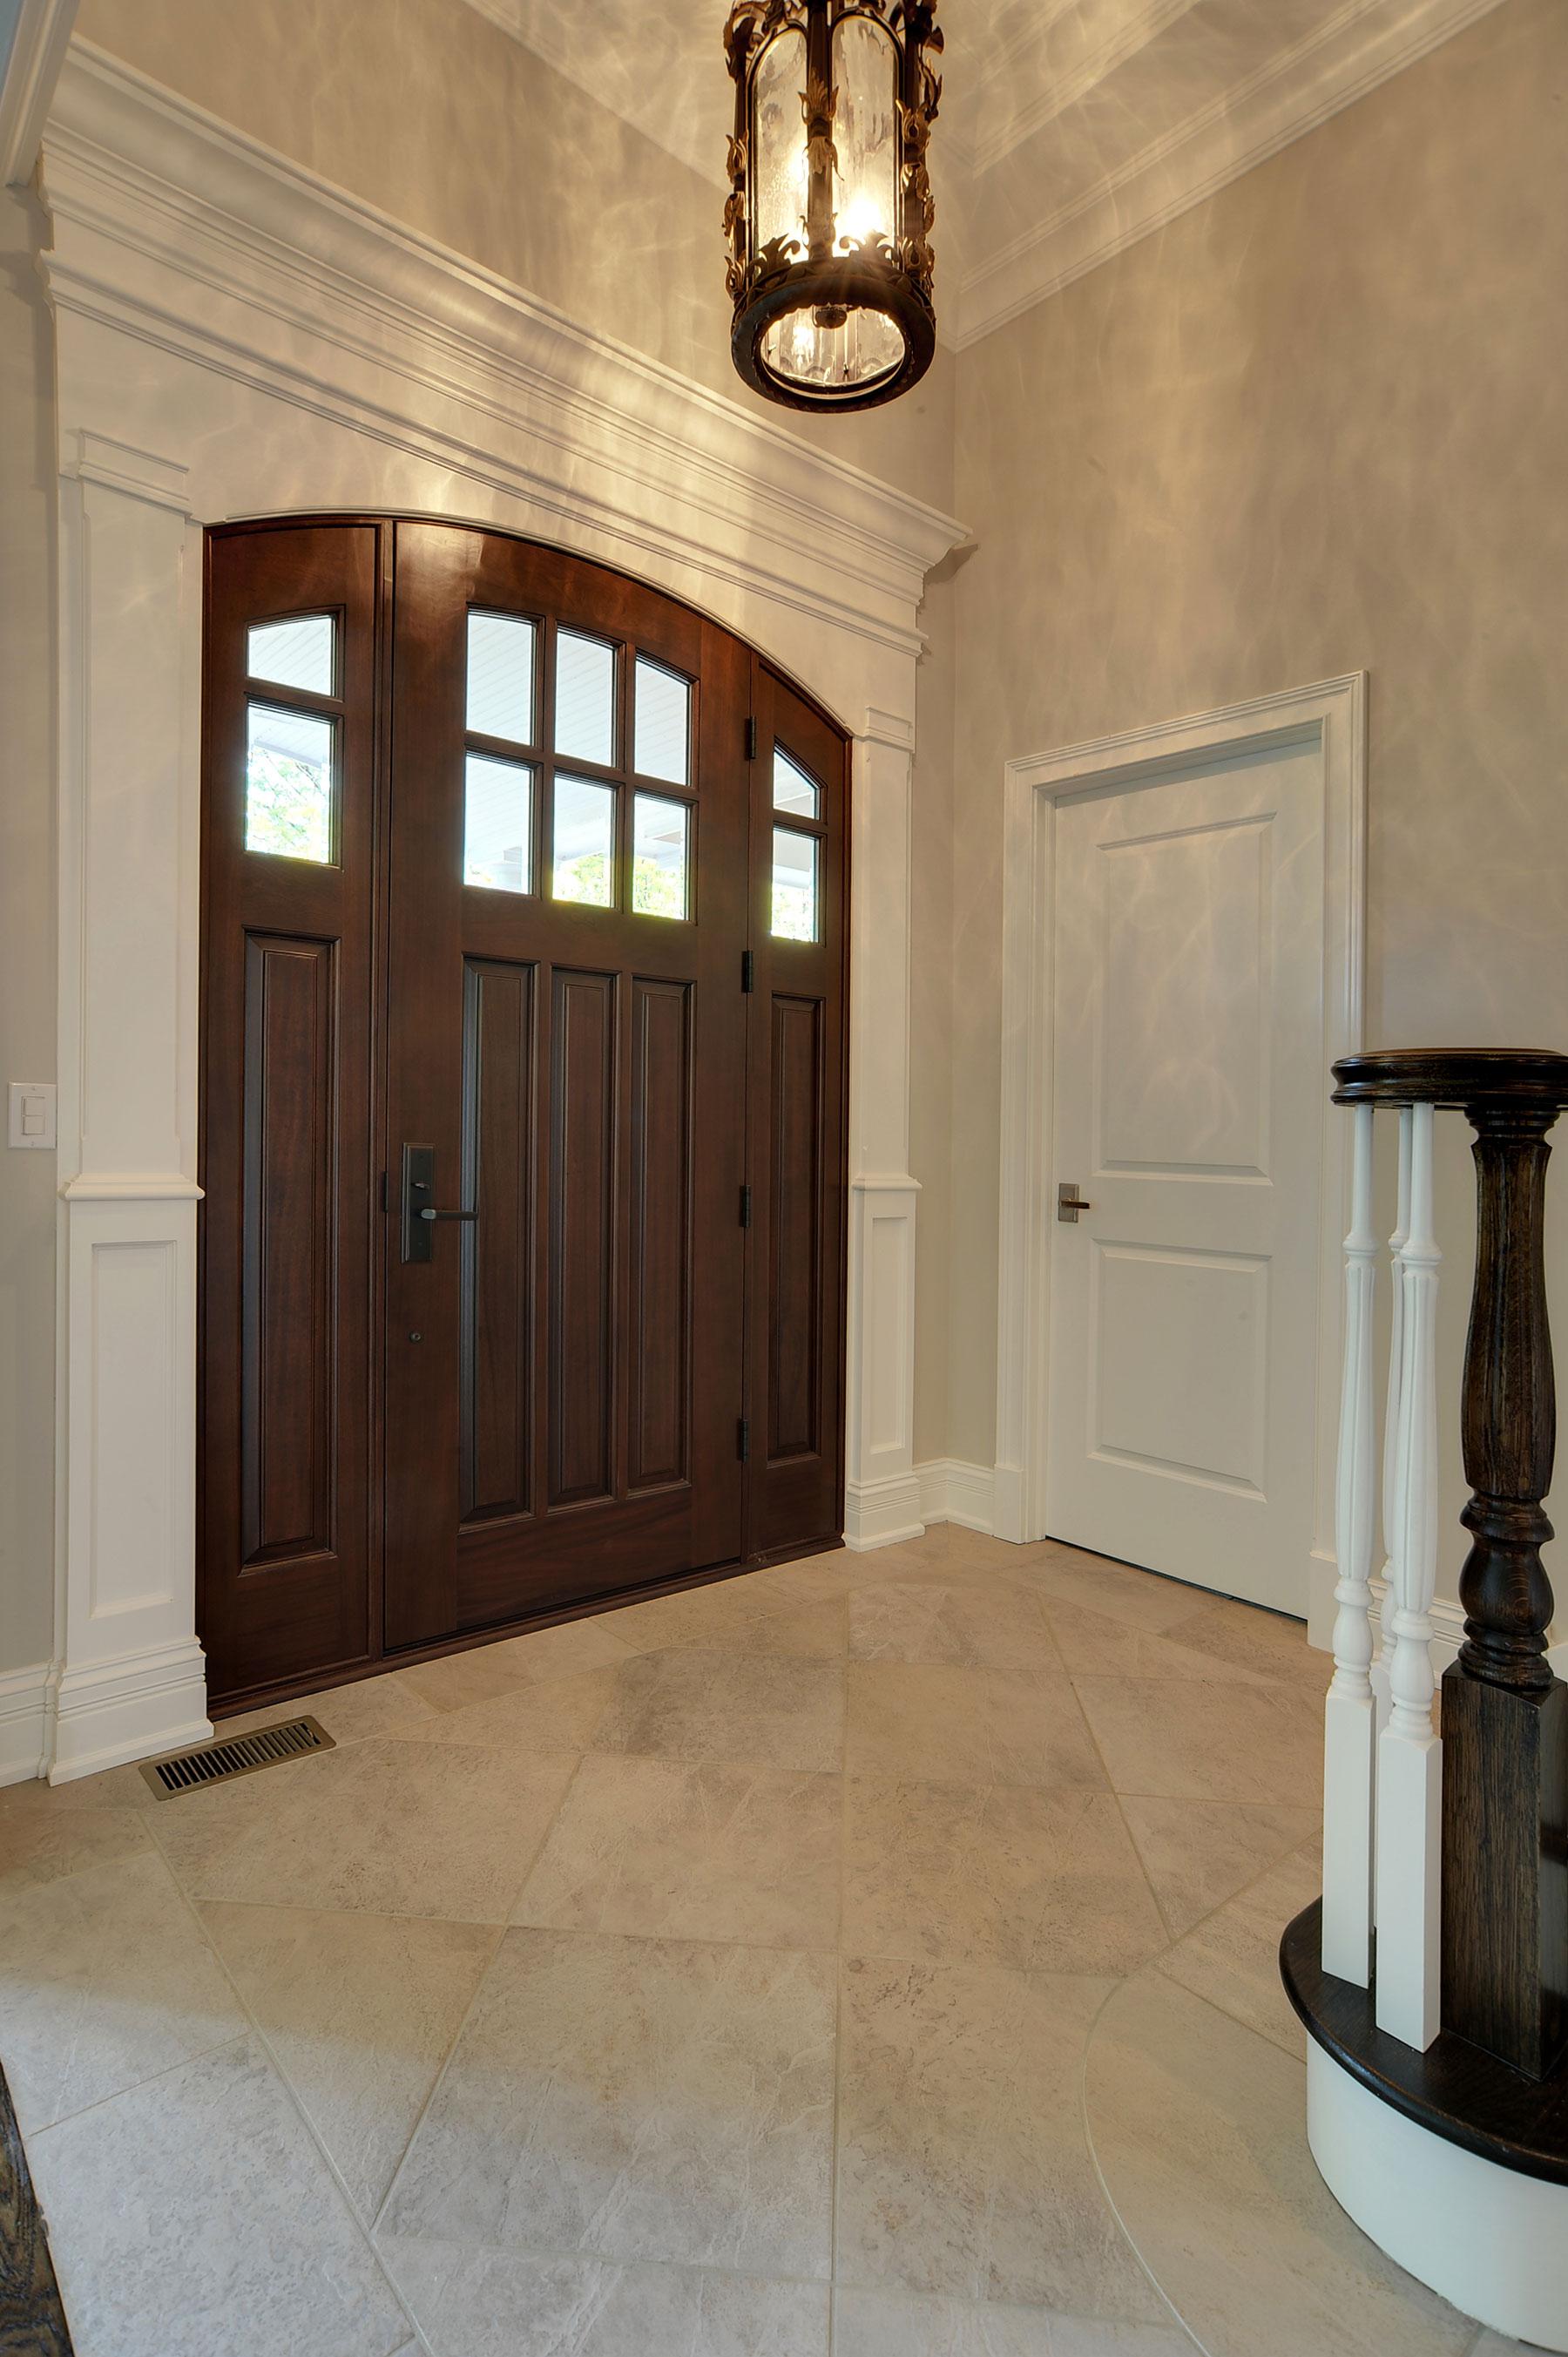 Solid Wood Front Entry Doors in-Stock | Classic Collection Solid Wood Front Entry Door DB-112WA 2SL - Glenview Doors - Custom Doors in Chicago